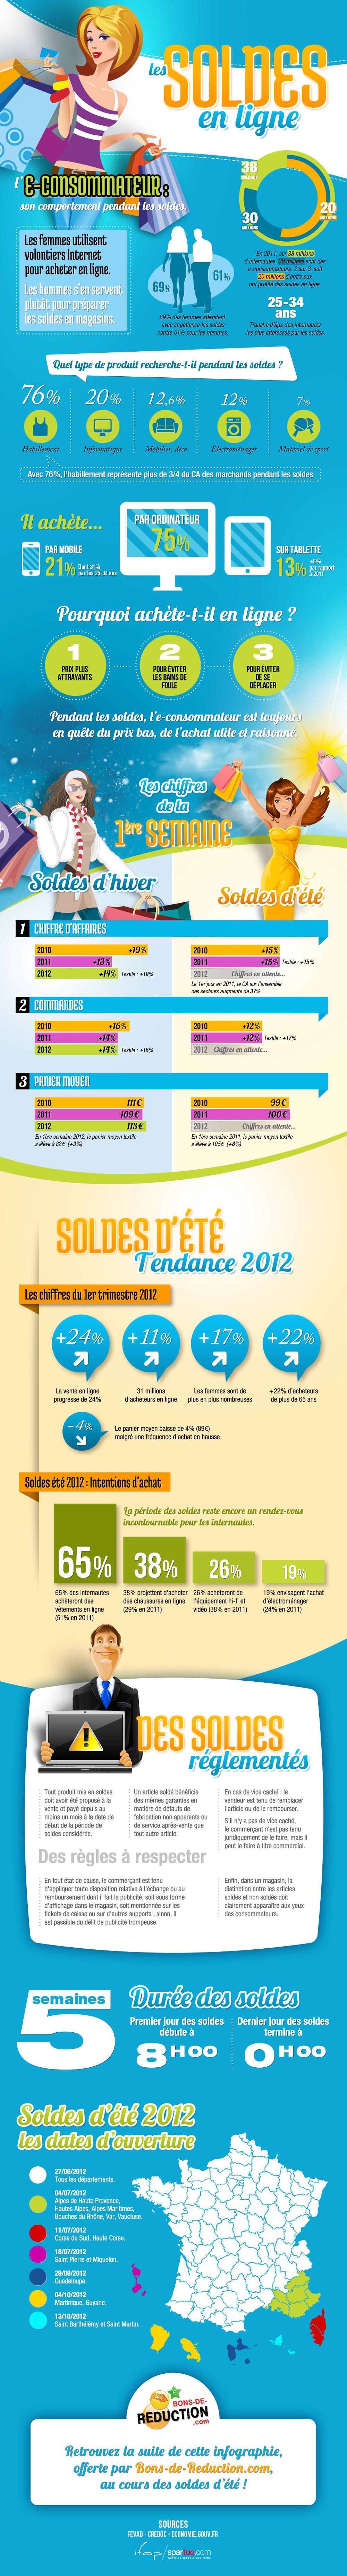 infographie soldes hd - Les soldes et le E-commerce en 2012